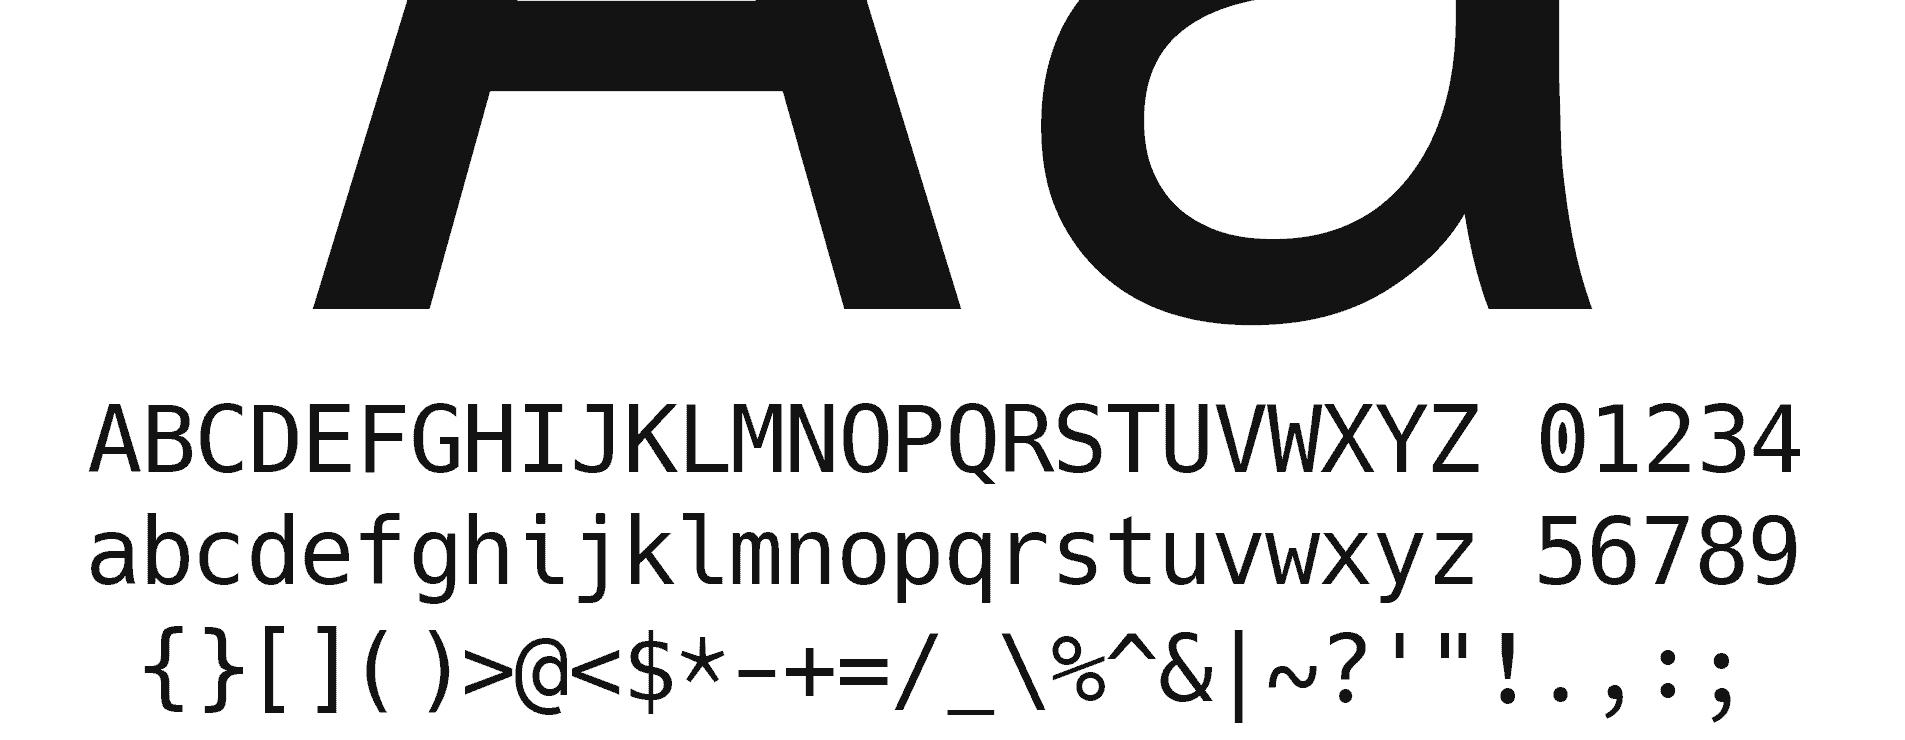 Tipografía Hack para Programar